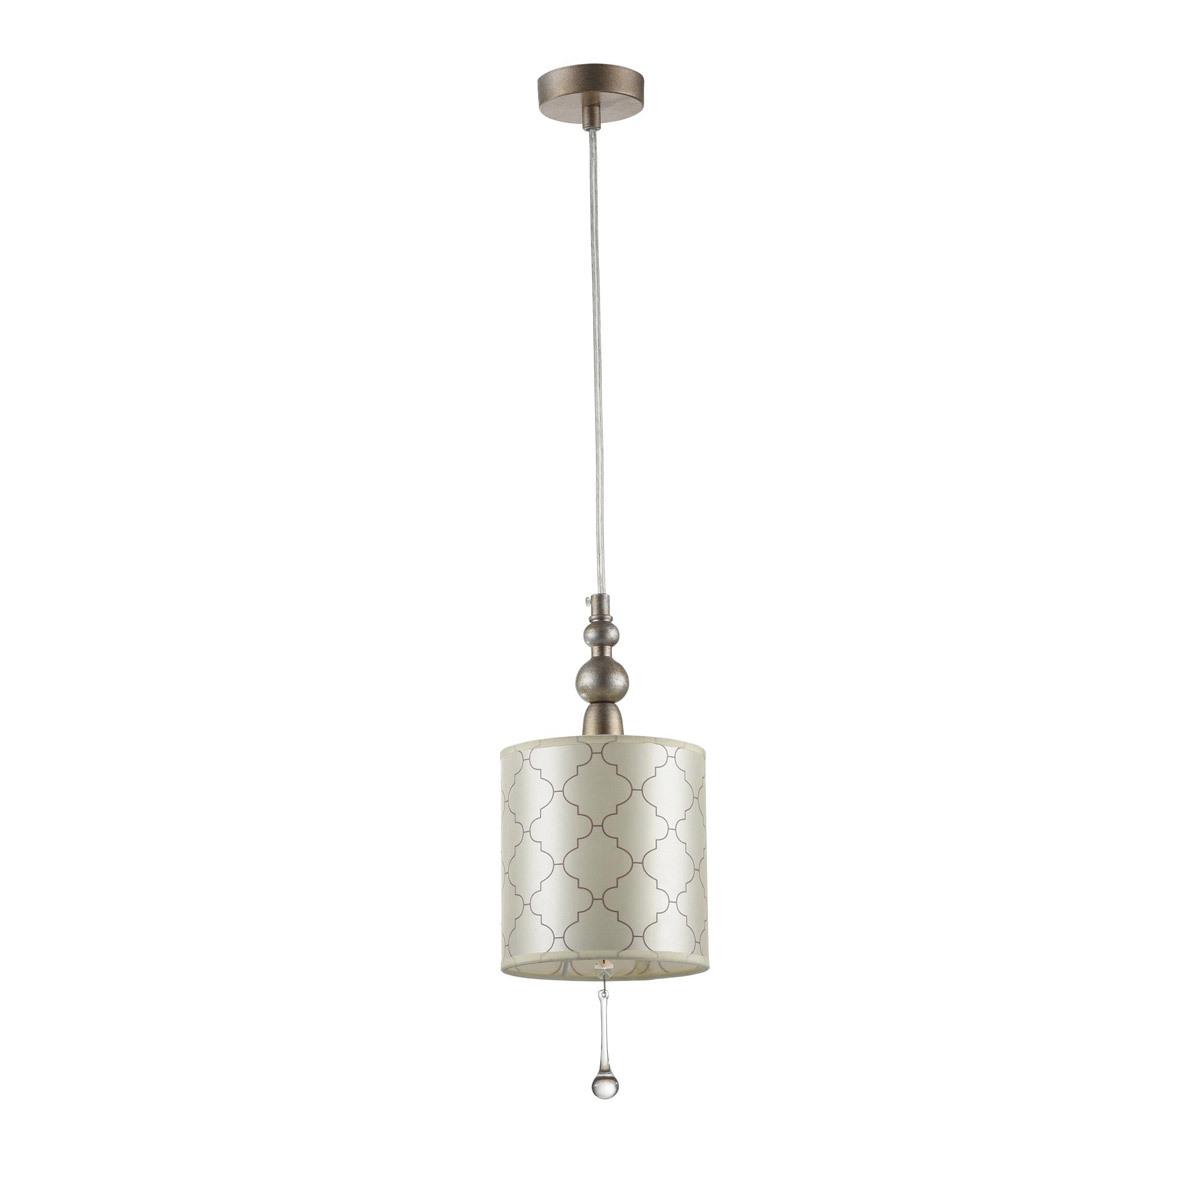 Потолочный светильник Maytoni Bience H018-PL-01-NG, E14, 40 Вт